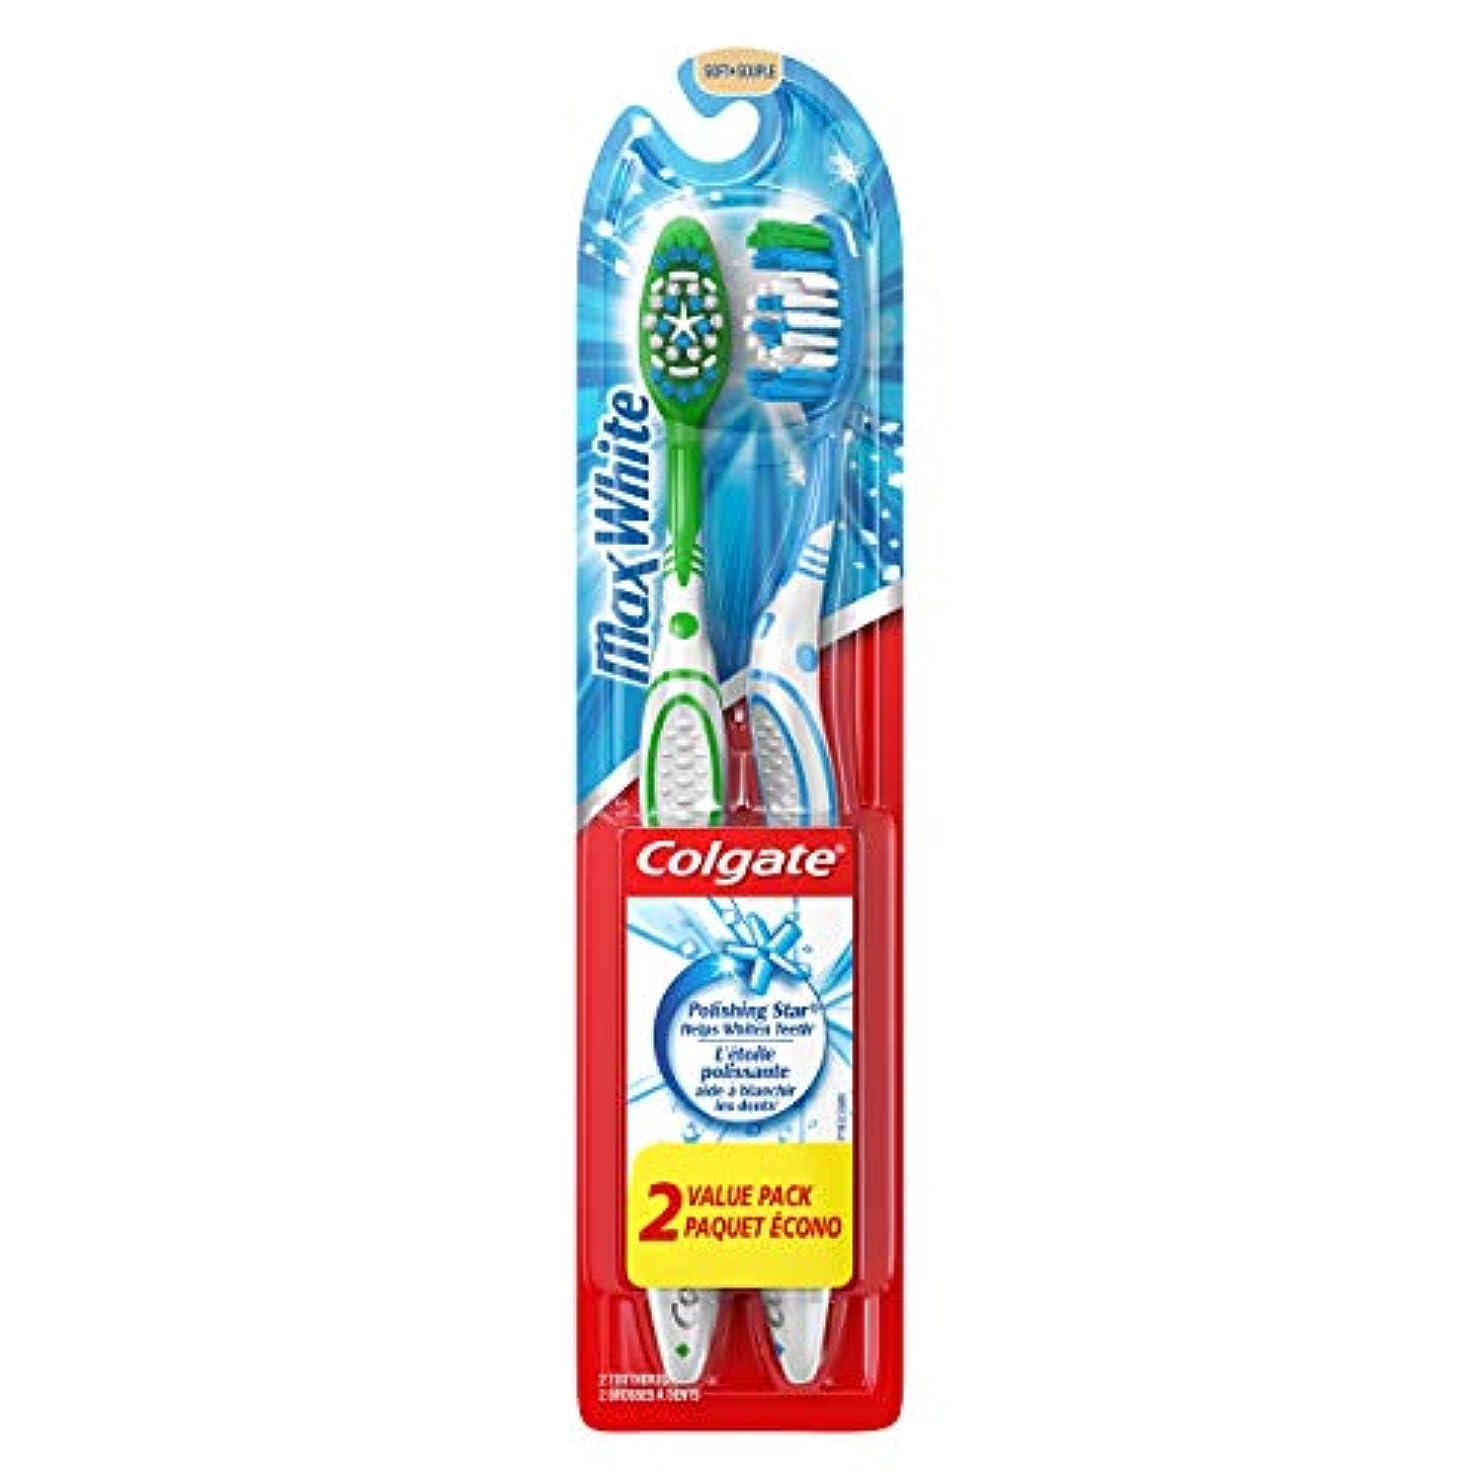 違反風景縁石Colgate マックスホワイトホワイトニング歯ブラシ、ソフト - 2カウント